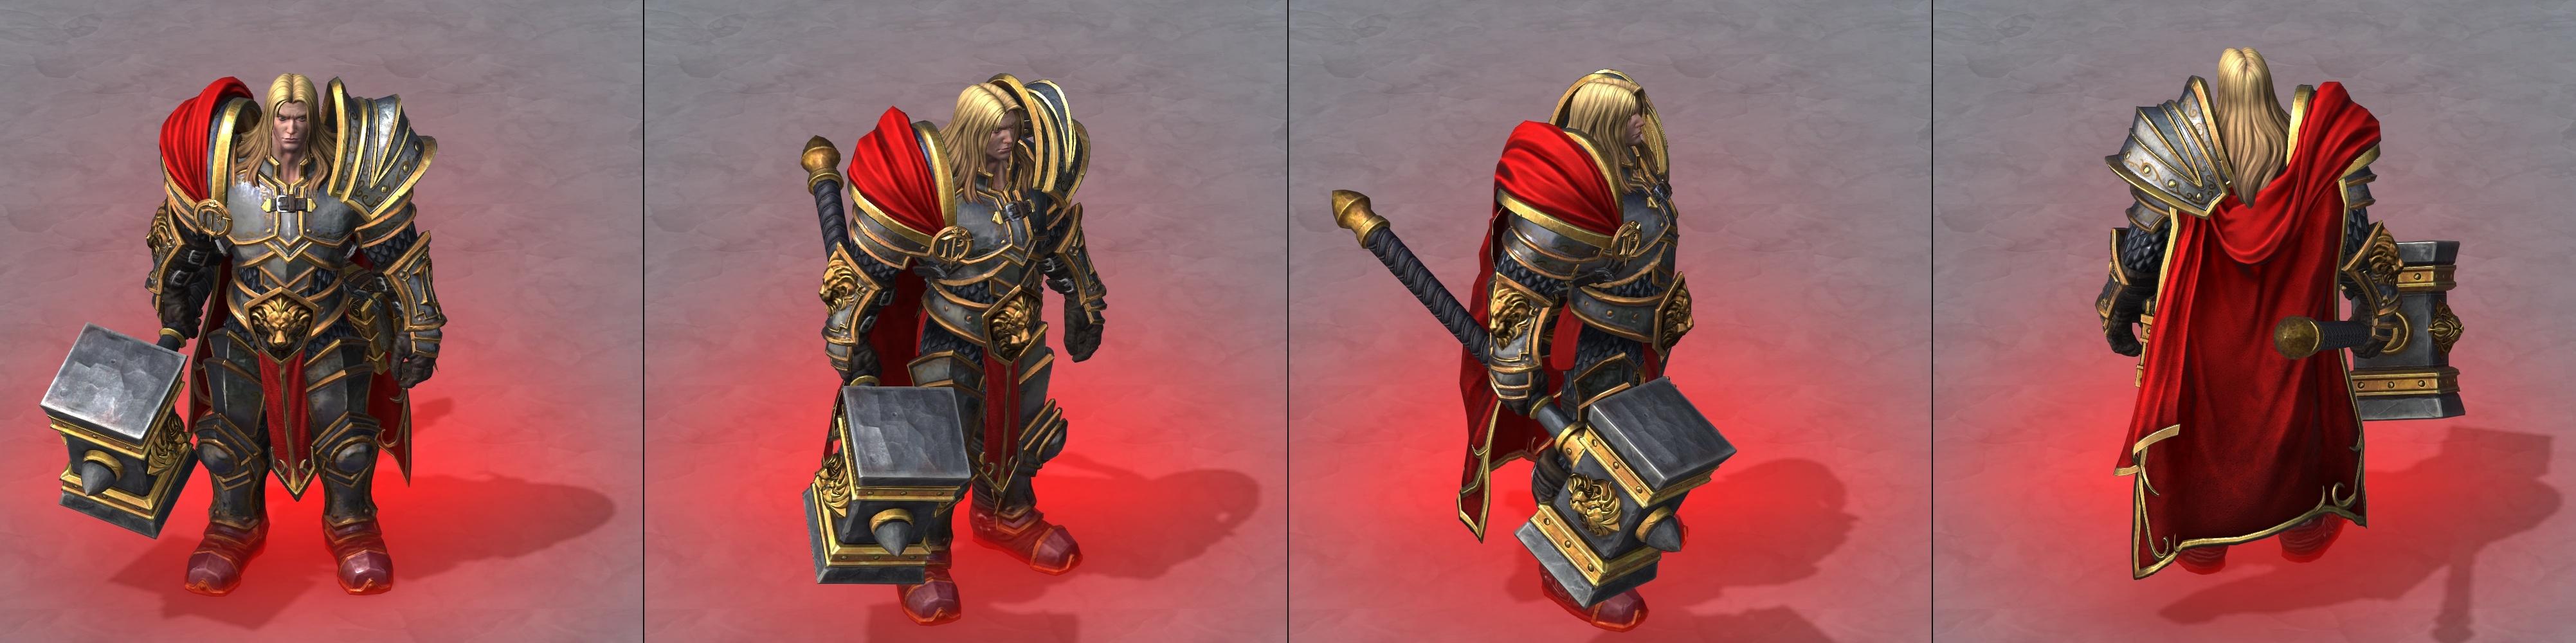 Утечка: озвучка и модели Сильваны, Артаса, Джайны и других персонажей Wacraft III: Reforged 11